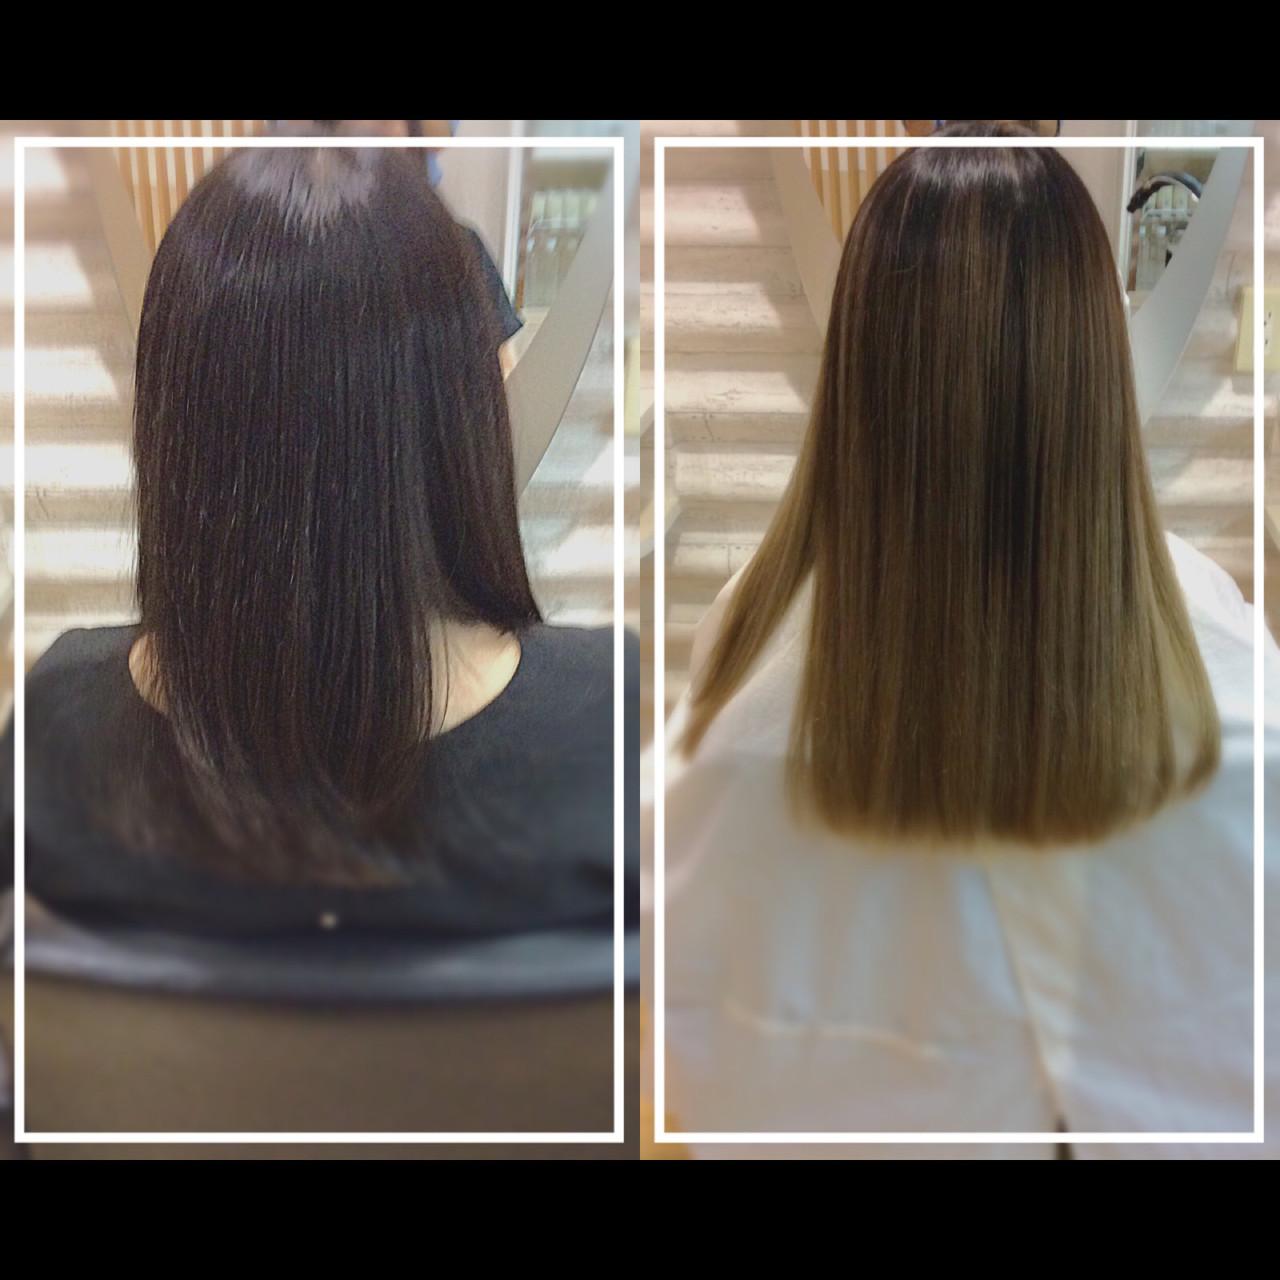 ナチュラル 髪質改善トリートメント 髪質改善カラー ロング ヘアスタイルや髪型の写真・画像 | KON / &g